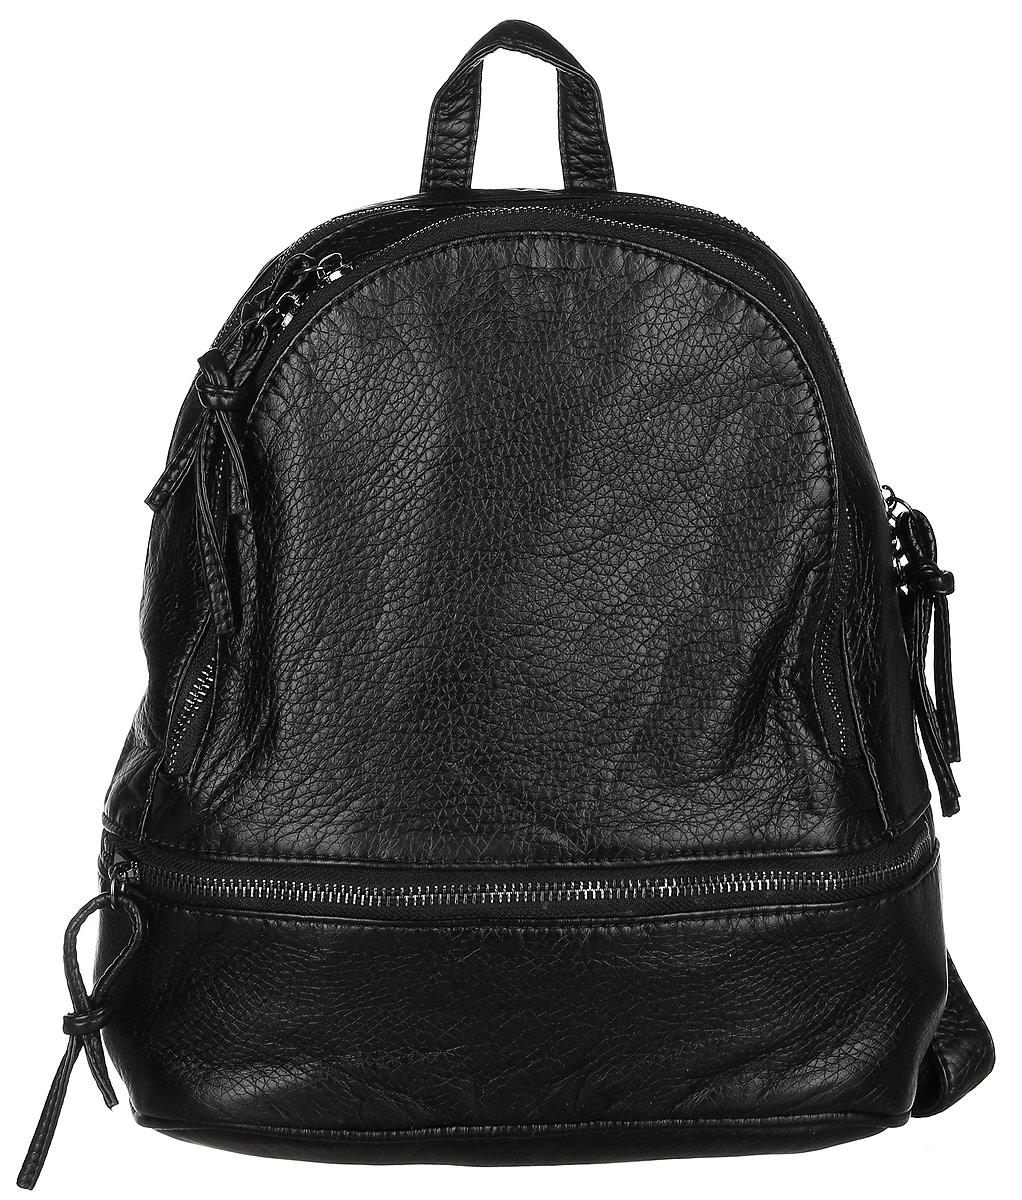 Рюкзак женский Janes Story, цвет: черный. A0031-04101225Стильный женский рюкзак Janes Story выполнен из искусственной кожи. Изделие содержит одно отделение, закрывающееся с помощью застежки-молнии. Внутри расположены: два накладных кармана для мелочей и два кармана на молнии. Спереди рюкзак дополнен двумя карманами на застежки молнии. Рюкзак оснащен удобными лямками регулируемой длины, а также петлей для подвешивания. Такой модный рюкзак займет достойное место в вашем гардеробе.